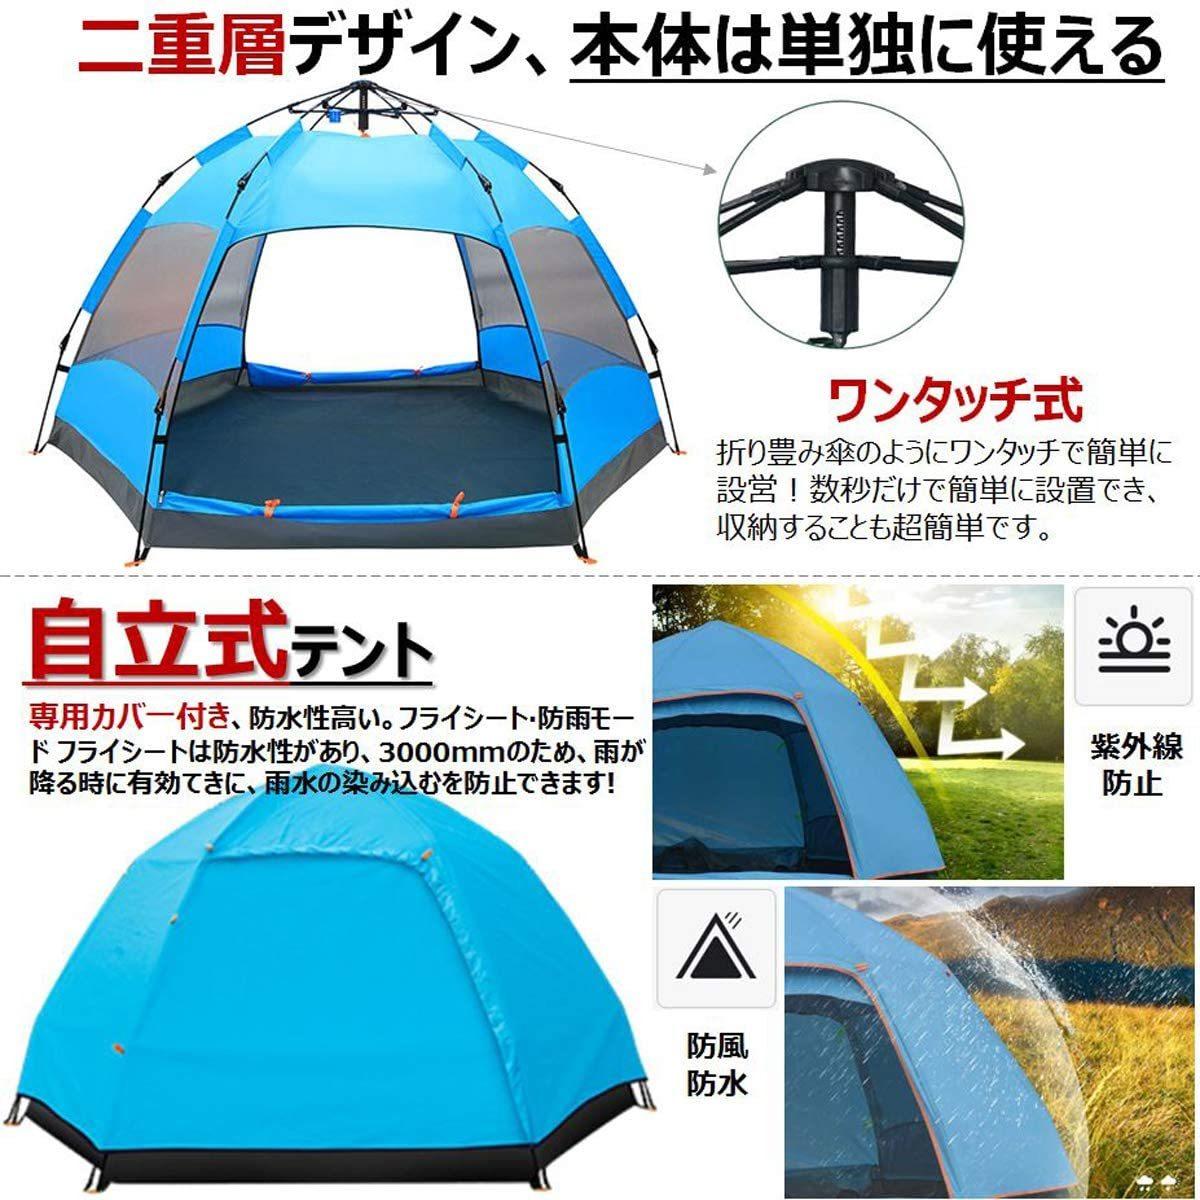 2-4人用 ワンタッチメッシュ六角形テント ブルー /二重層防風防水uvカット加工 多機能用途テント 多用途 _画像2